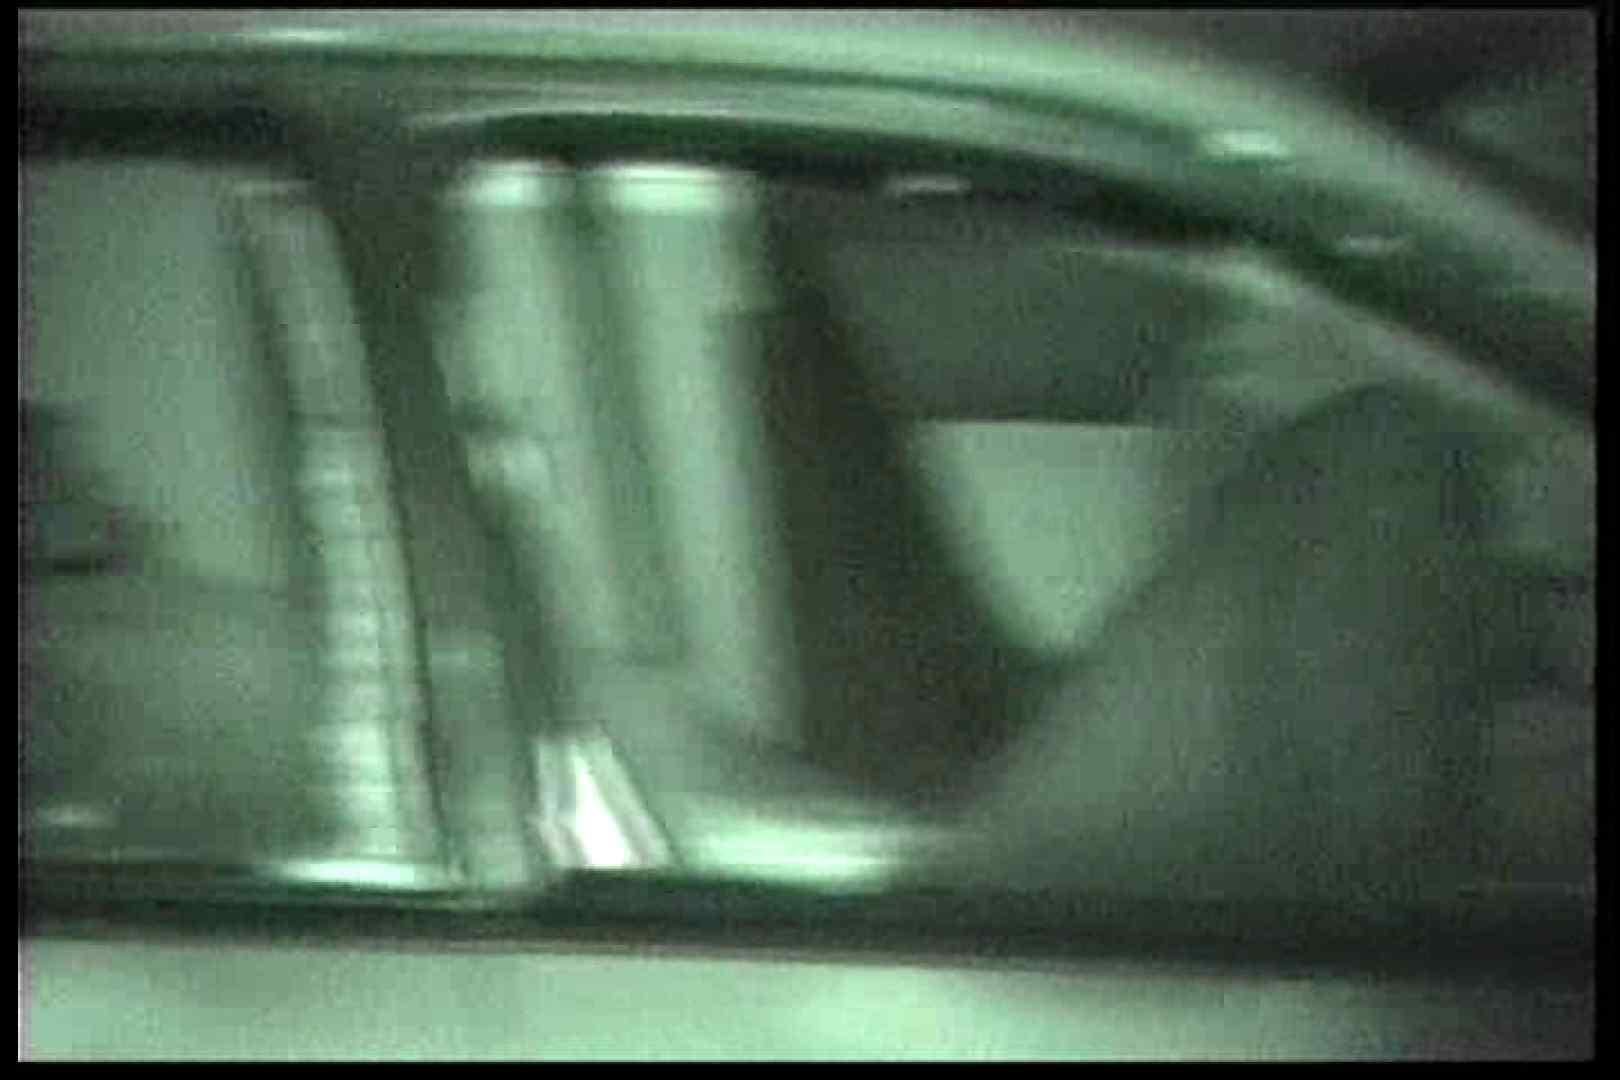 車の中はラブホテル 無修正版  Vol.11 OLの実態 盗撮エロ画像 18pic 18